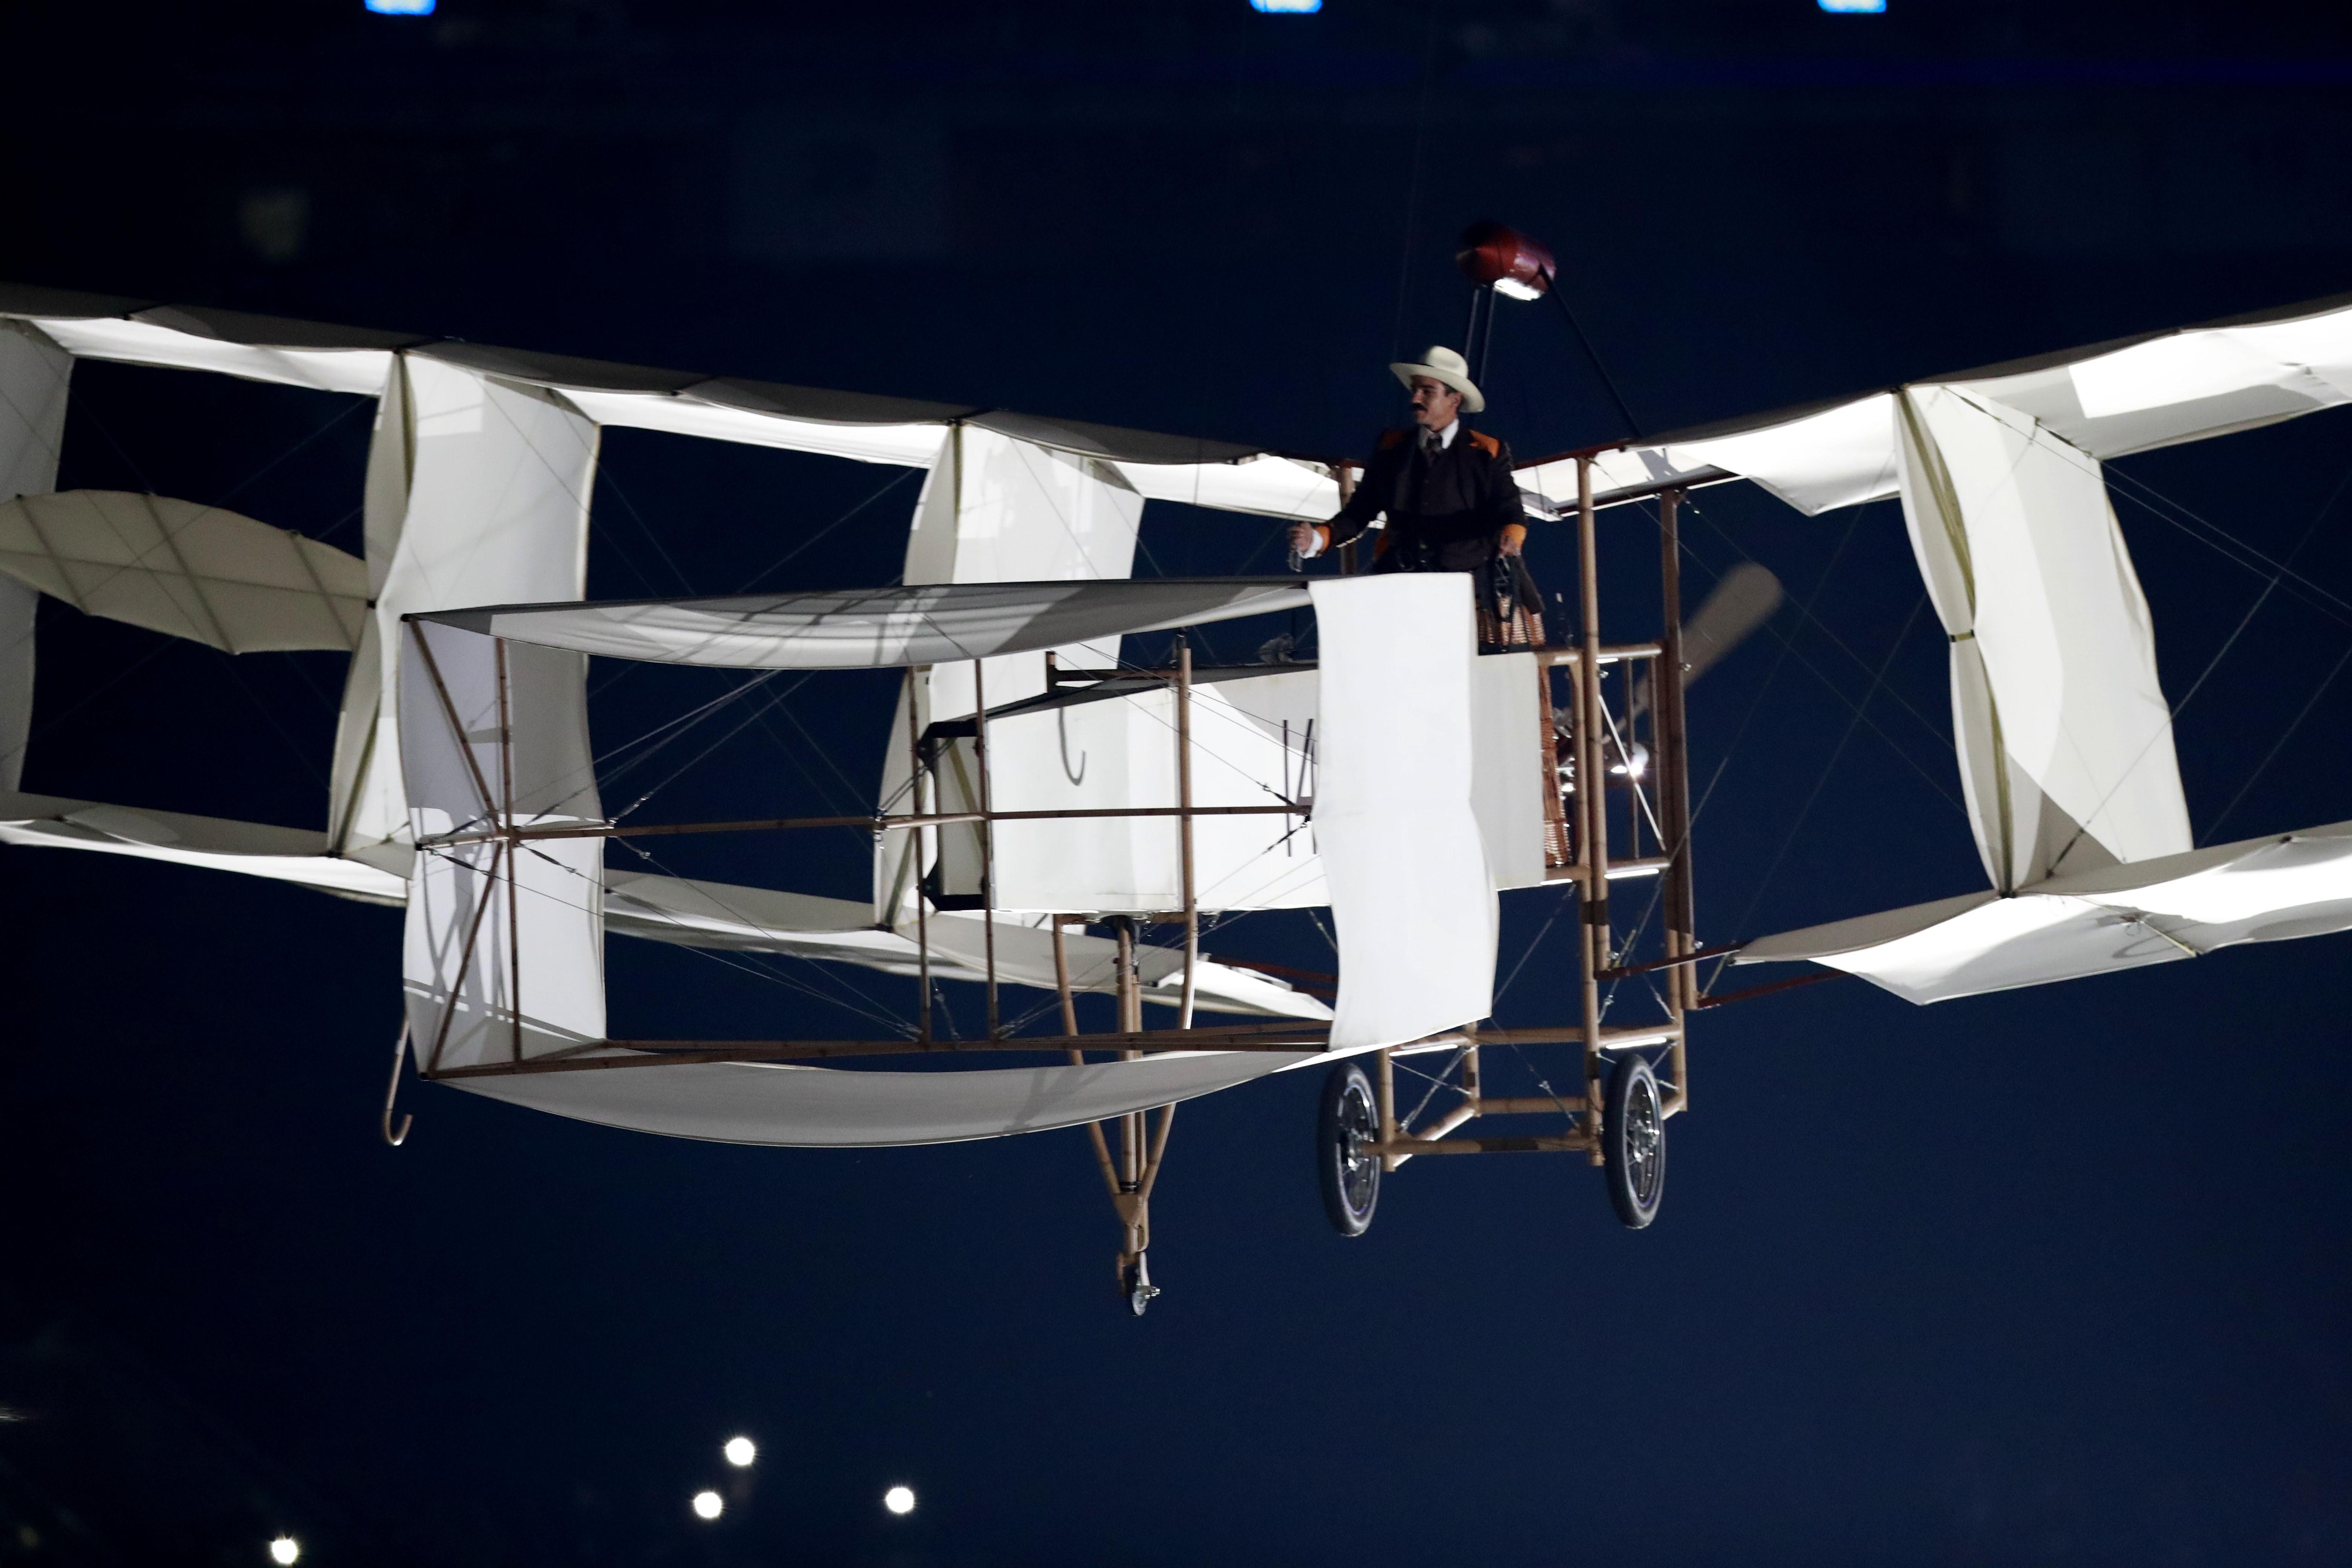 8月5日,巴西人设计的早期飞行器14BIS的模型在舞台中央升起。新华社记者任正来摄。